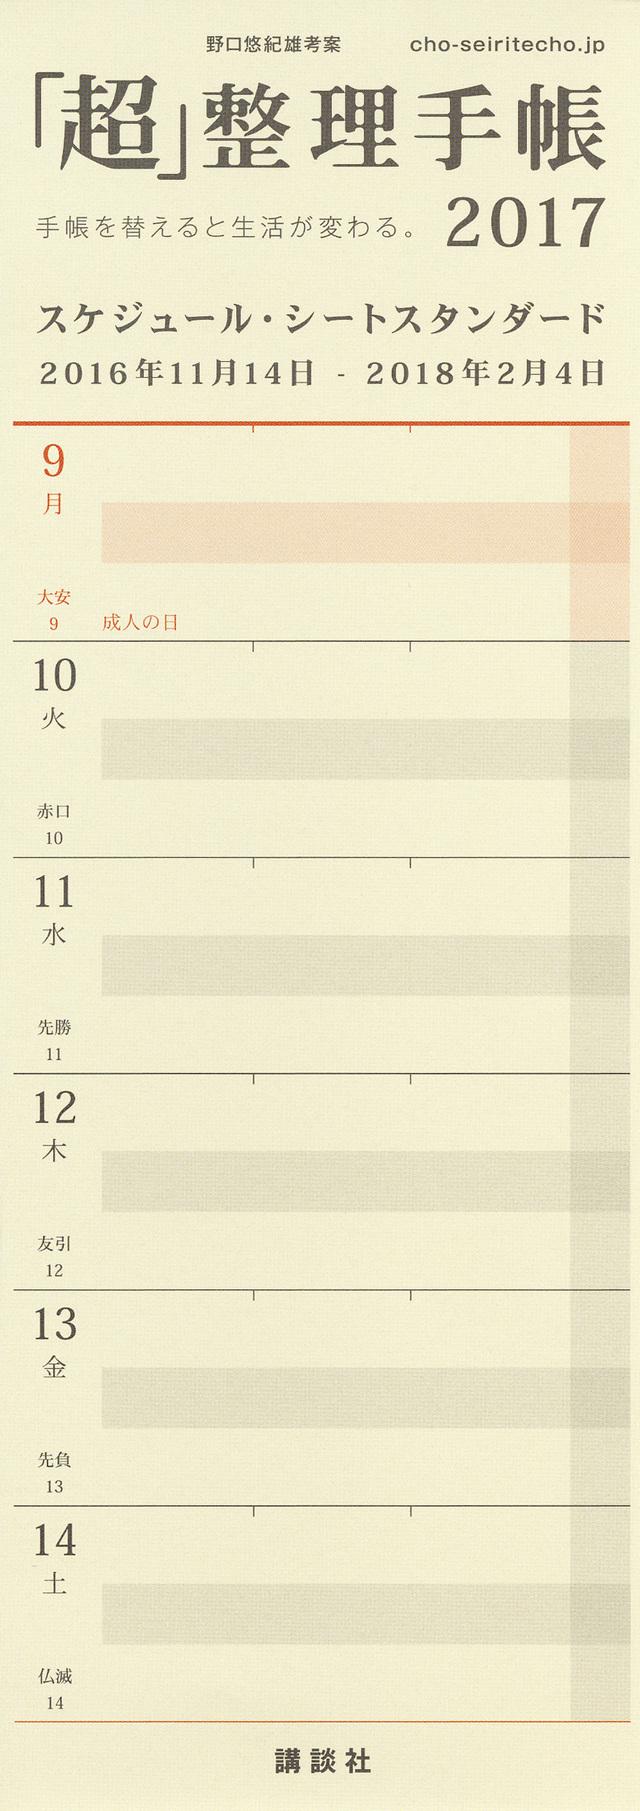 「超」整理手帳 スケジュール・シート スタンダード2017